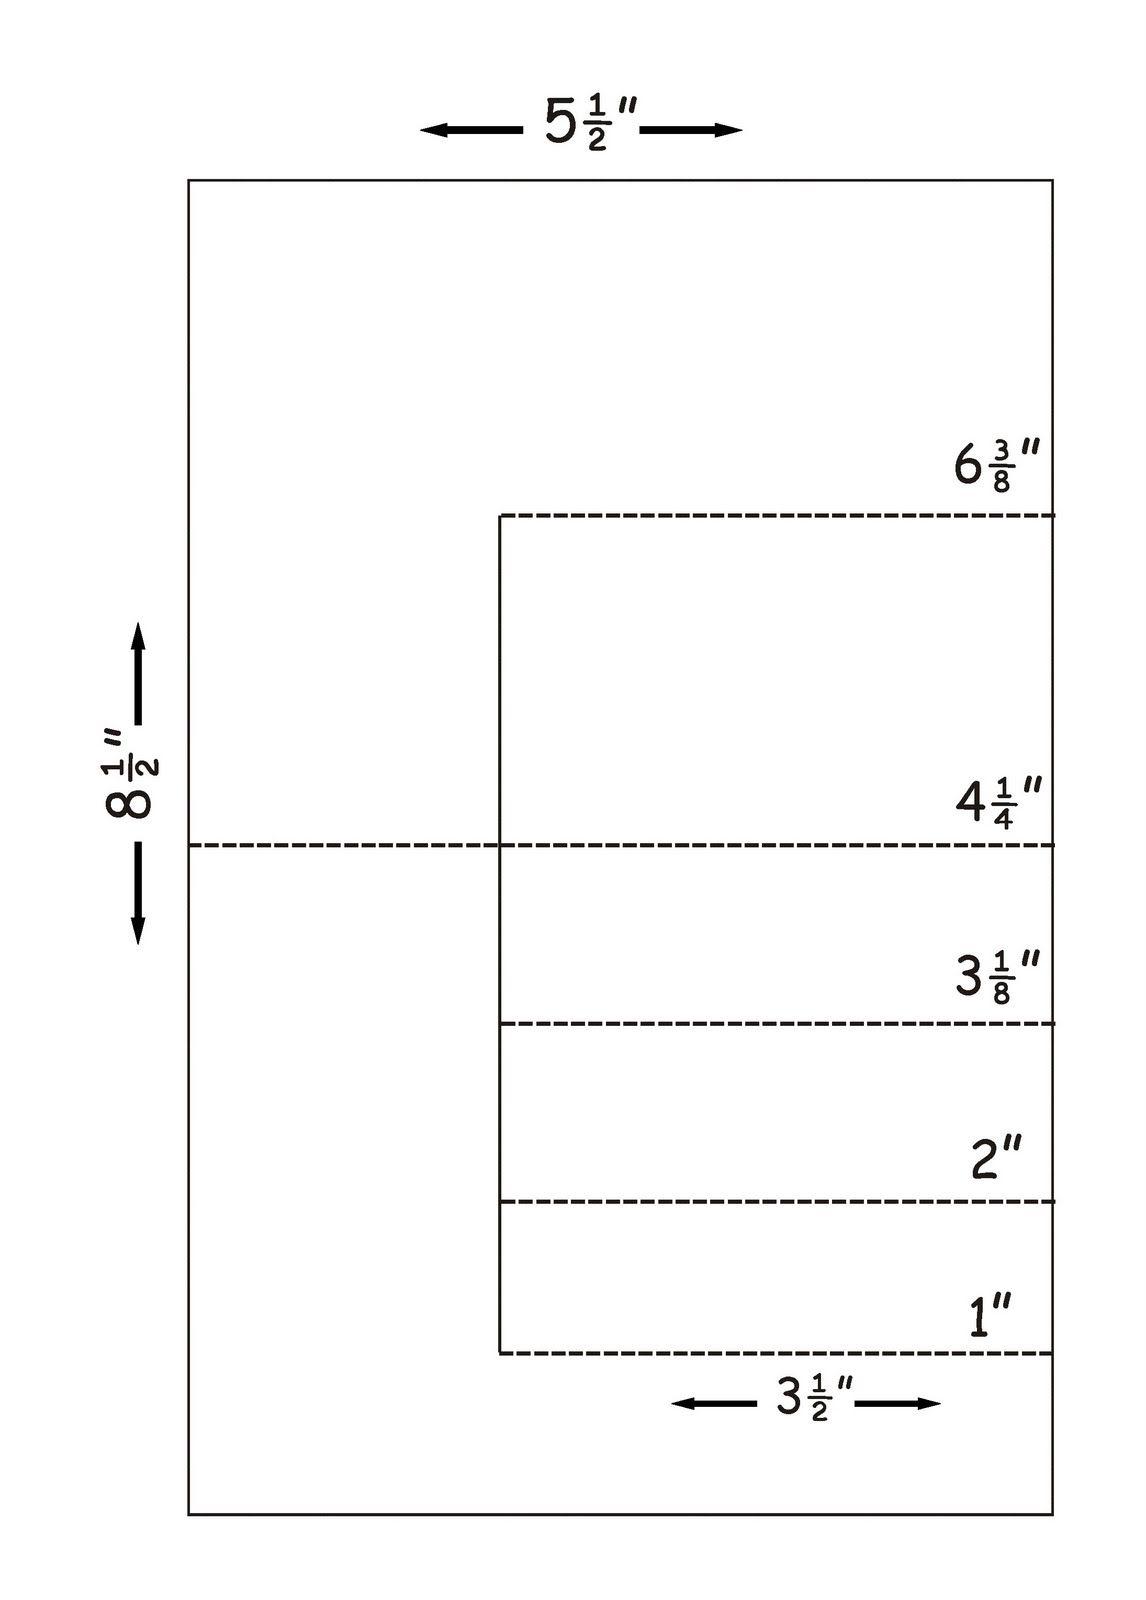 Открытка раскладушка шаблон распечатать, картинки забота